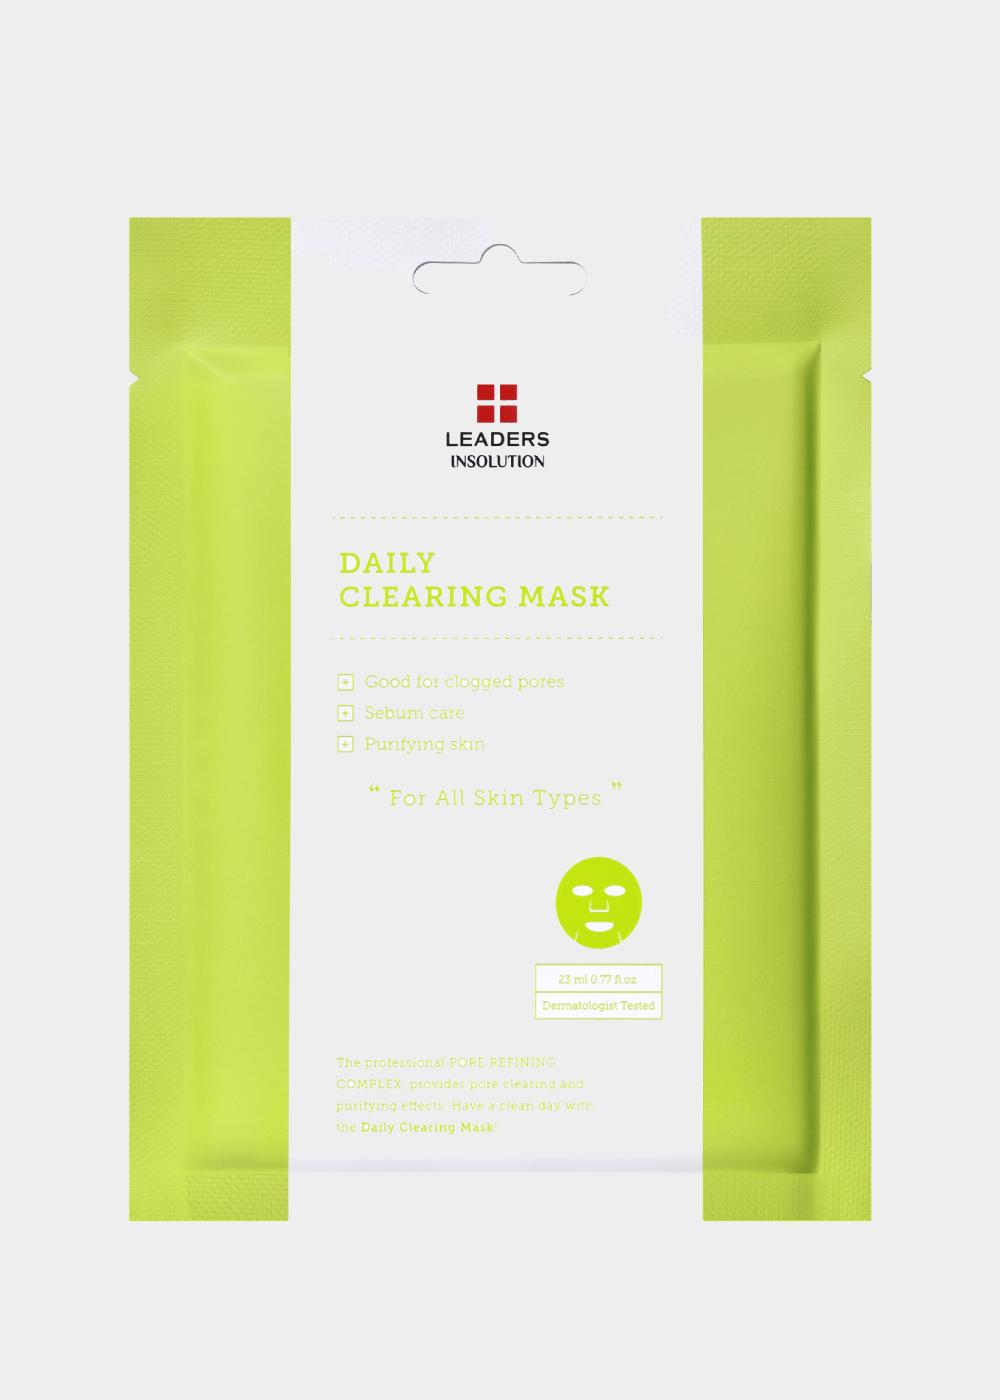 daily-clearing-mask-editada